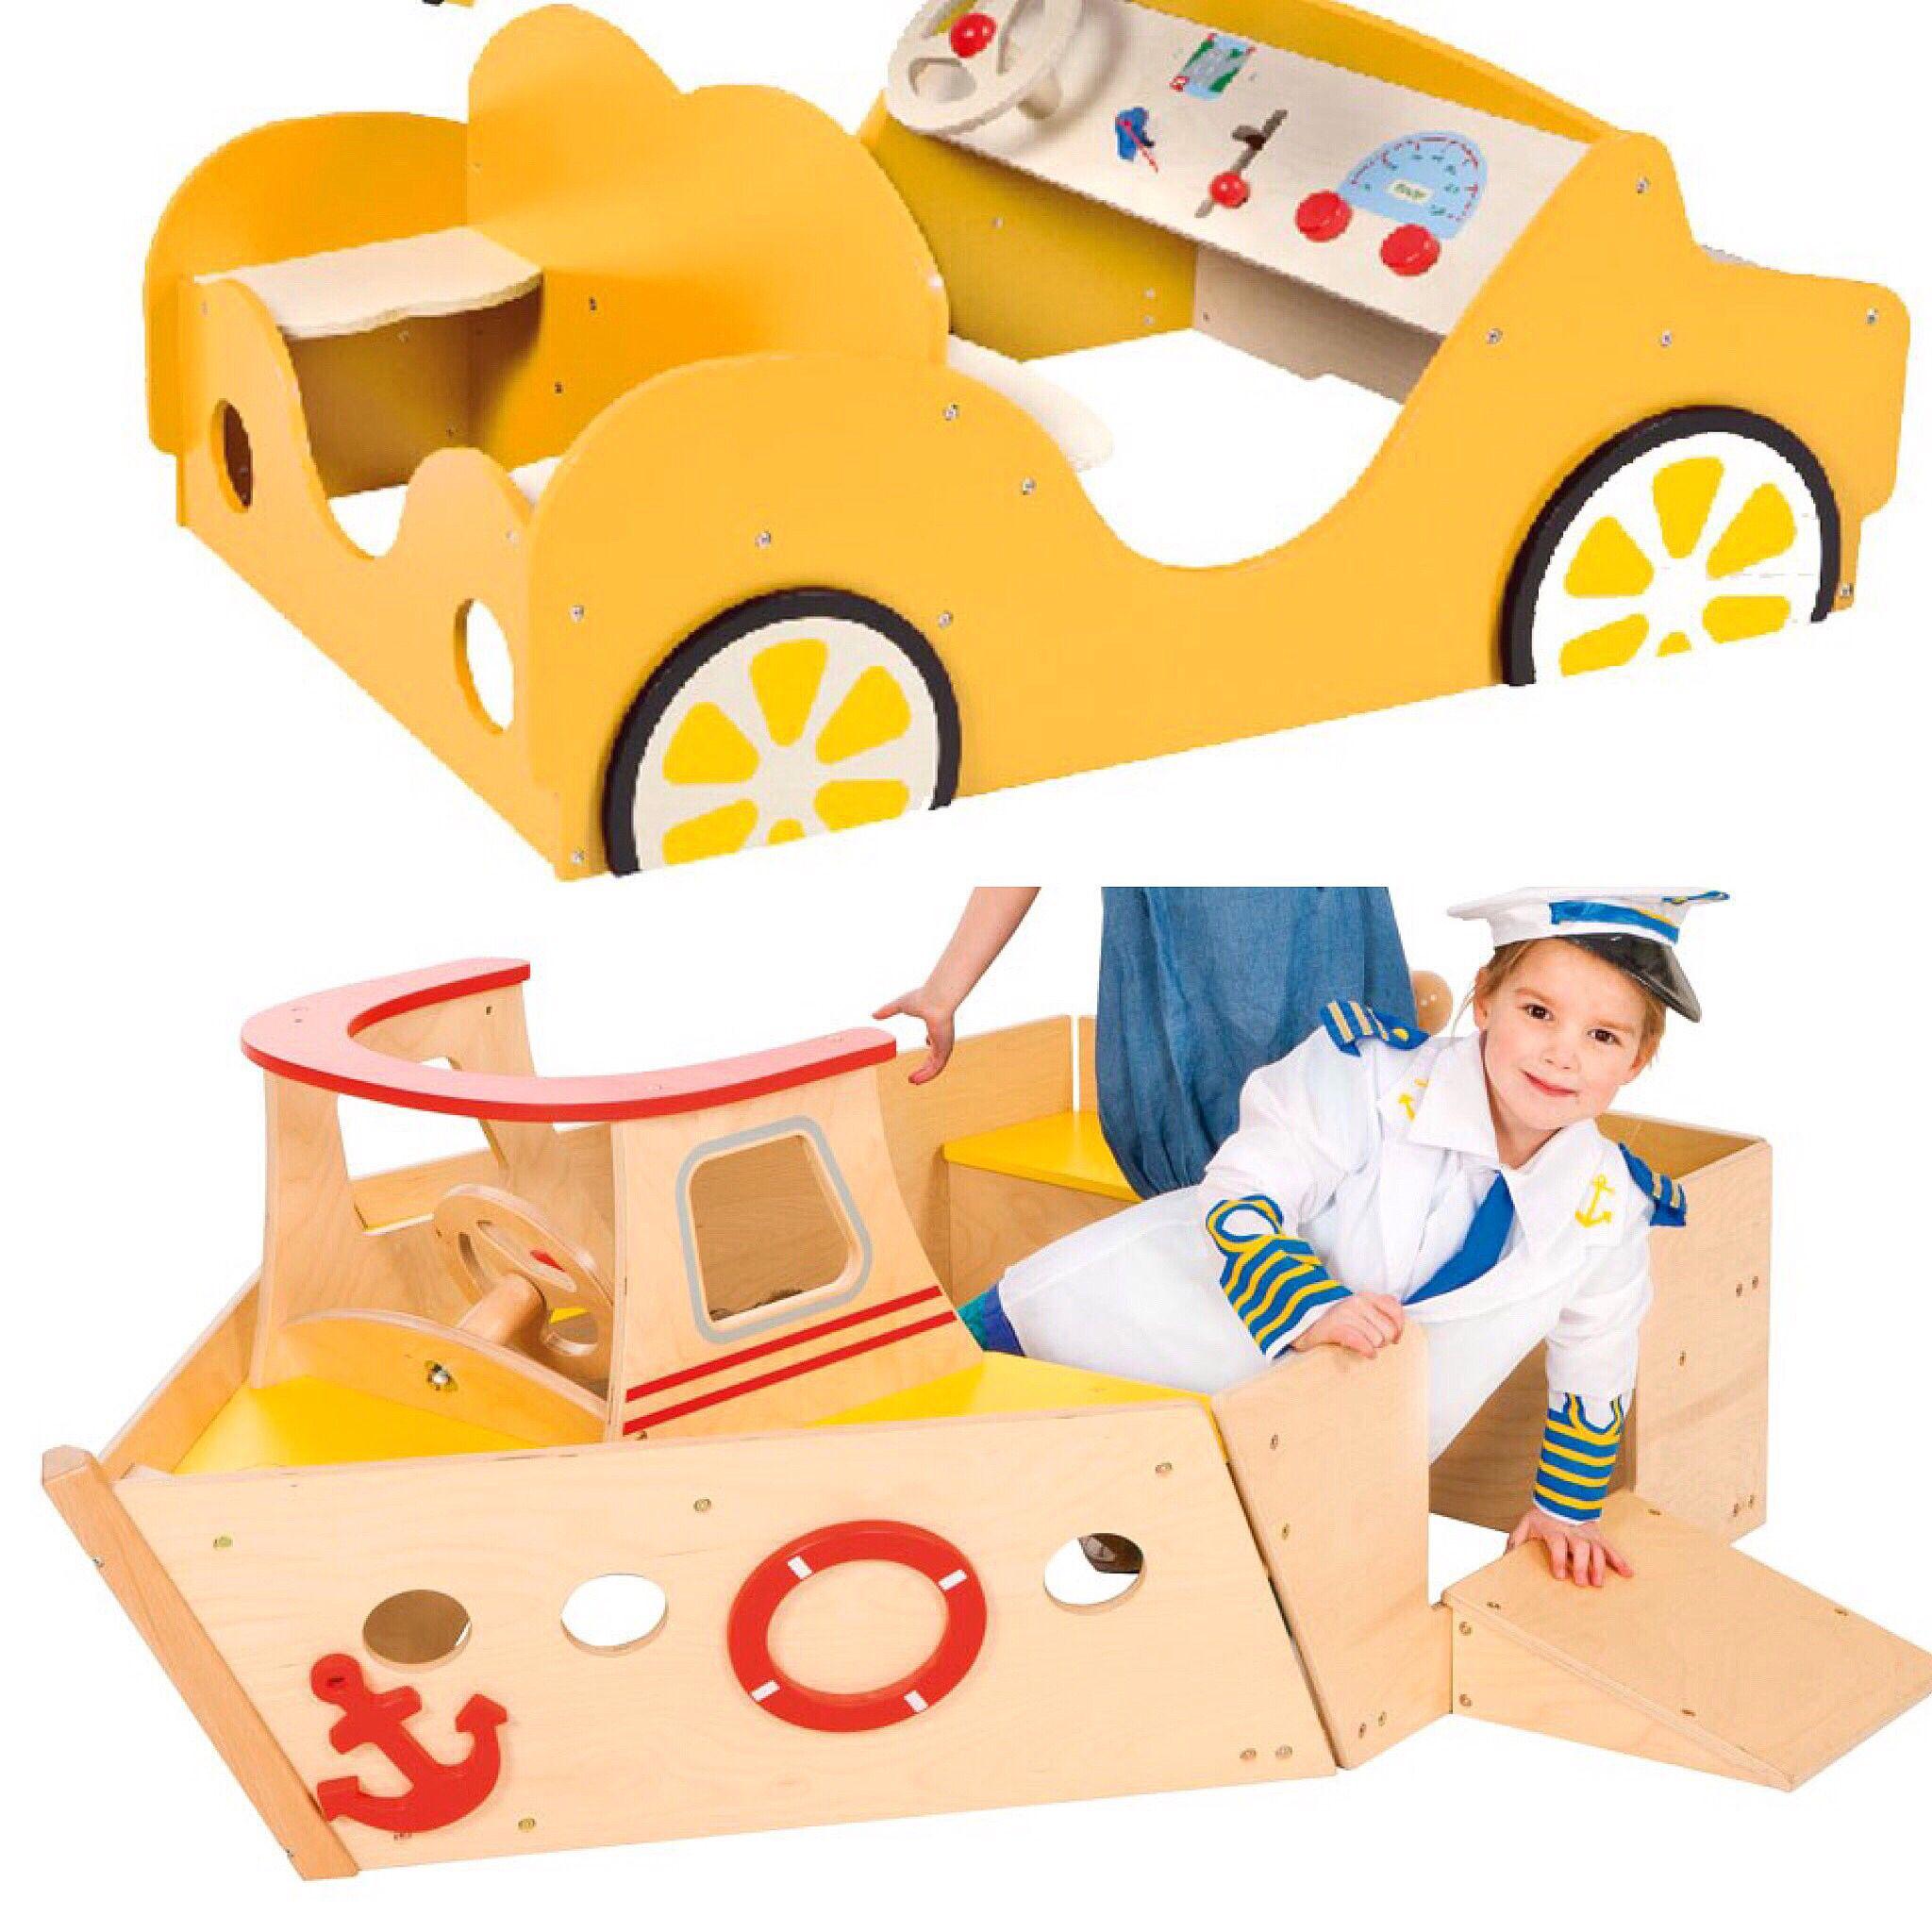 legetøj viabill